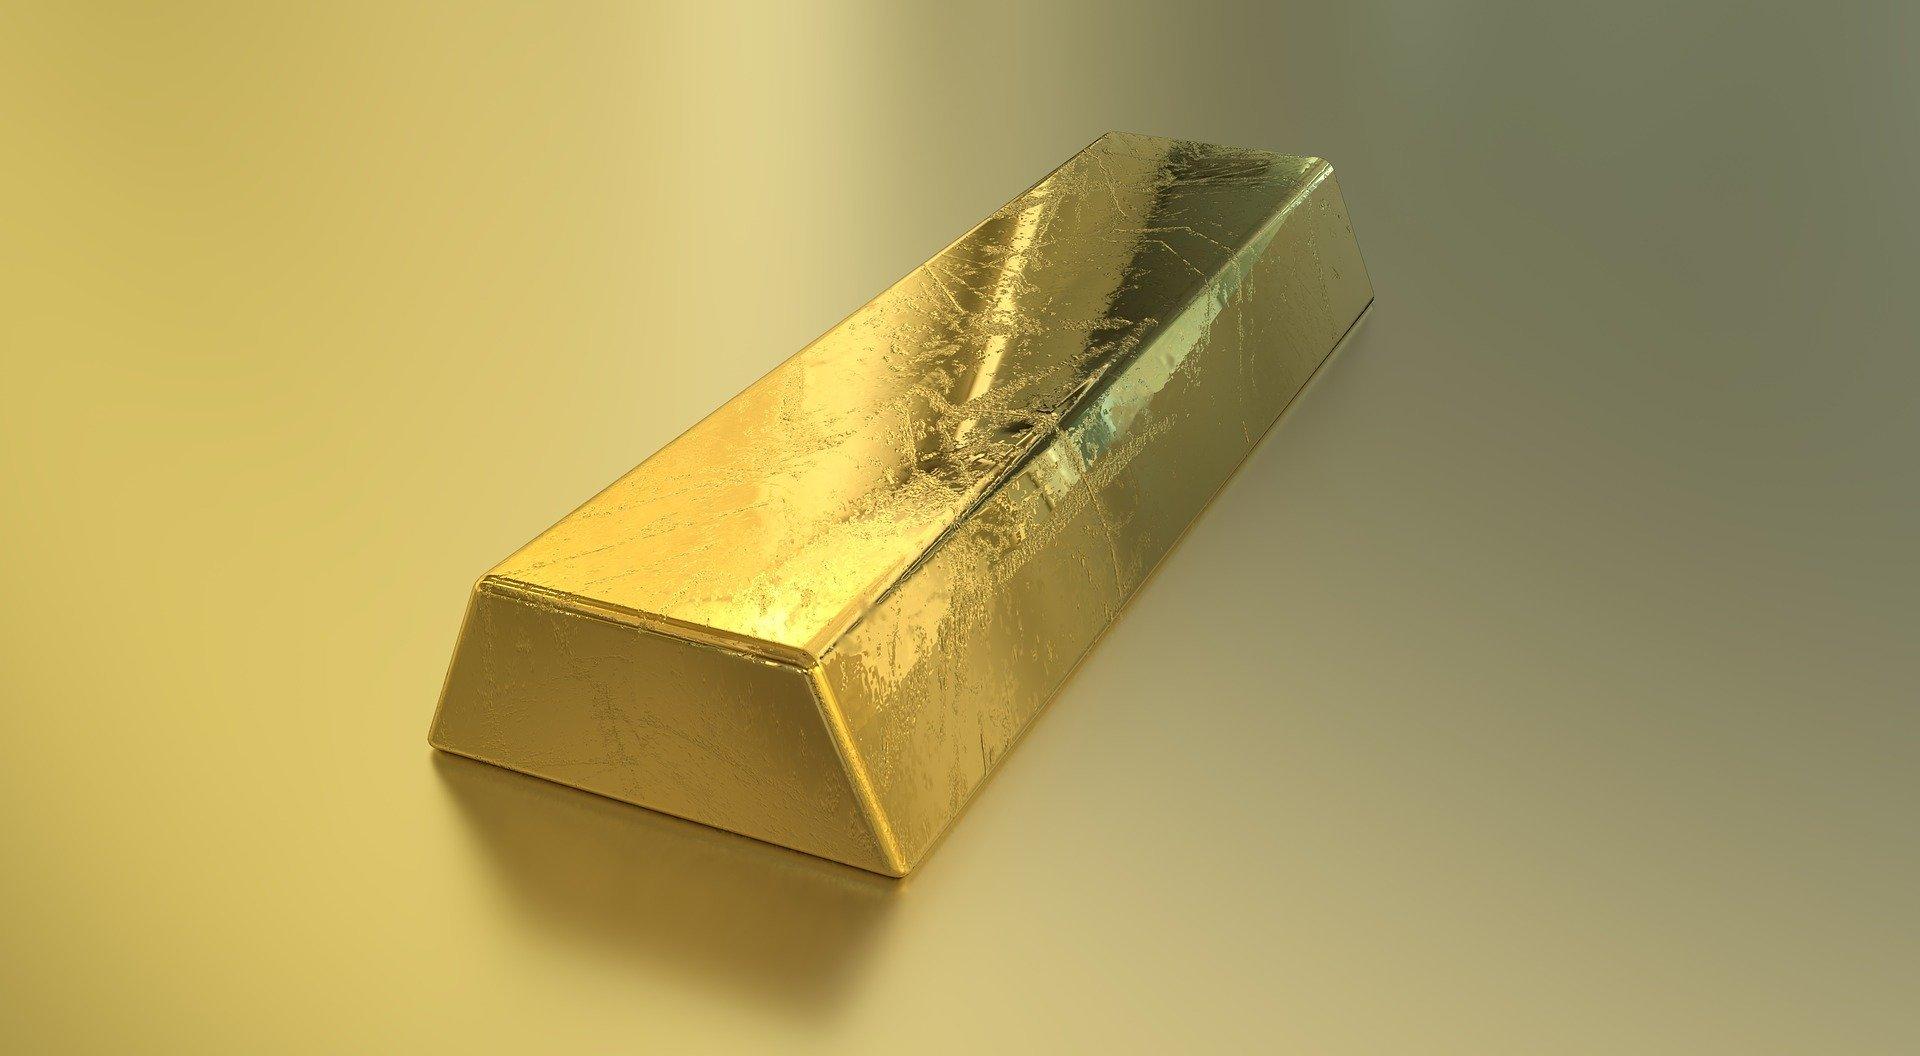 ราคาทองวันนี้ 20/3/64 แนวโน้มทองร่วงหรือพุ่ง Updateล่าสุด ราคาทองคำวันนี้ 20มีนาคม64 วิเคราะห์ทองคำ